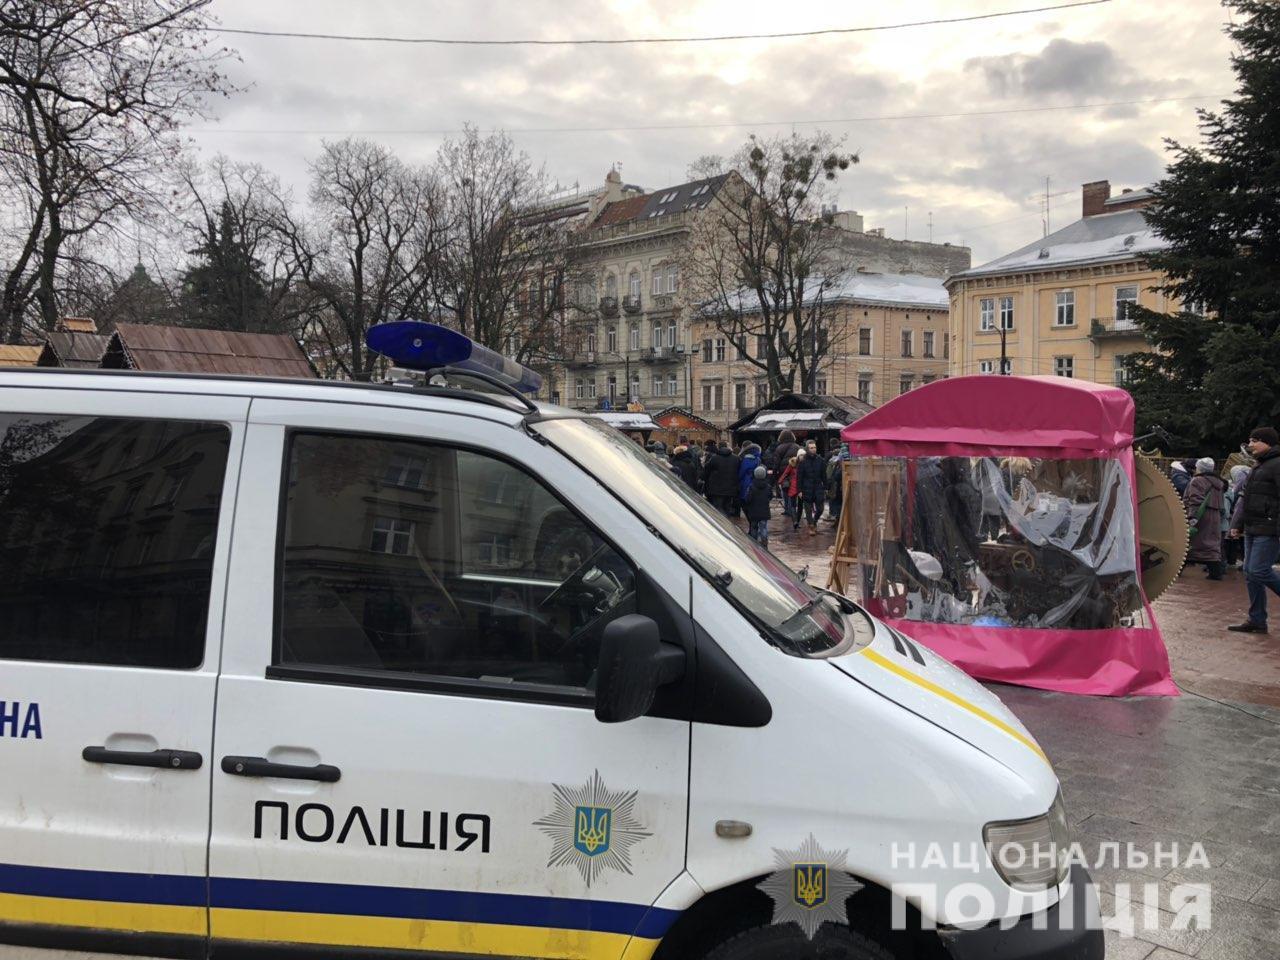 Полиция возбудила уголовное дело из-за пожара на рождественской ярмарке во Львове